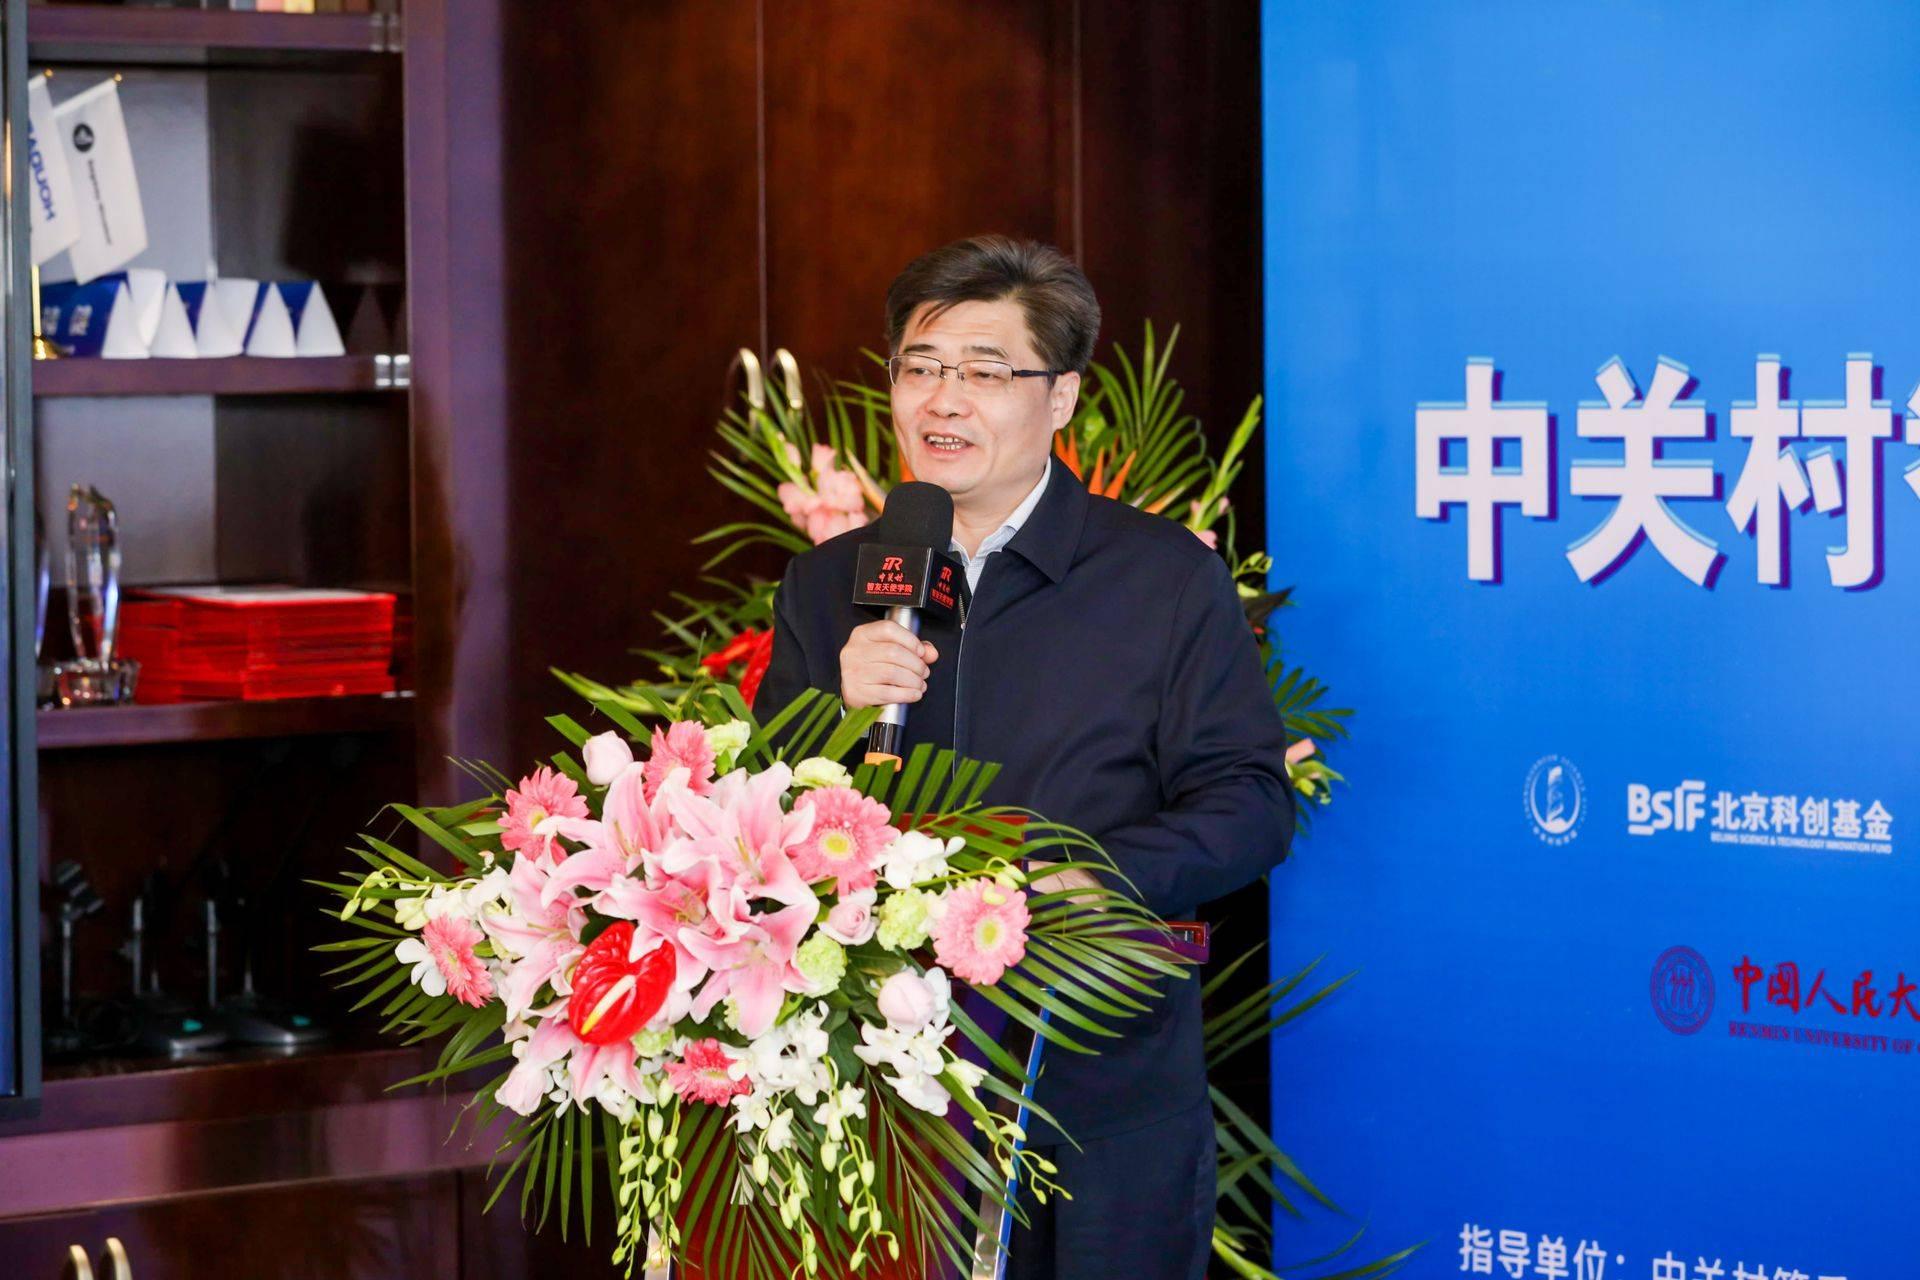 中关村科技园区管理委员会主任翟立新